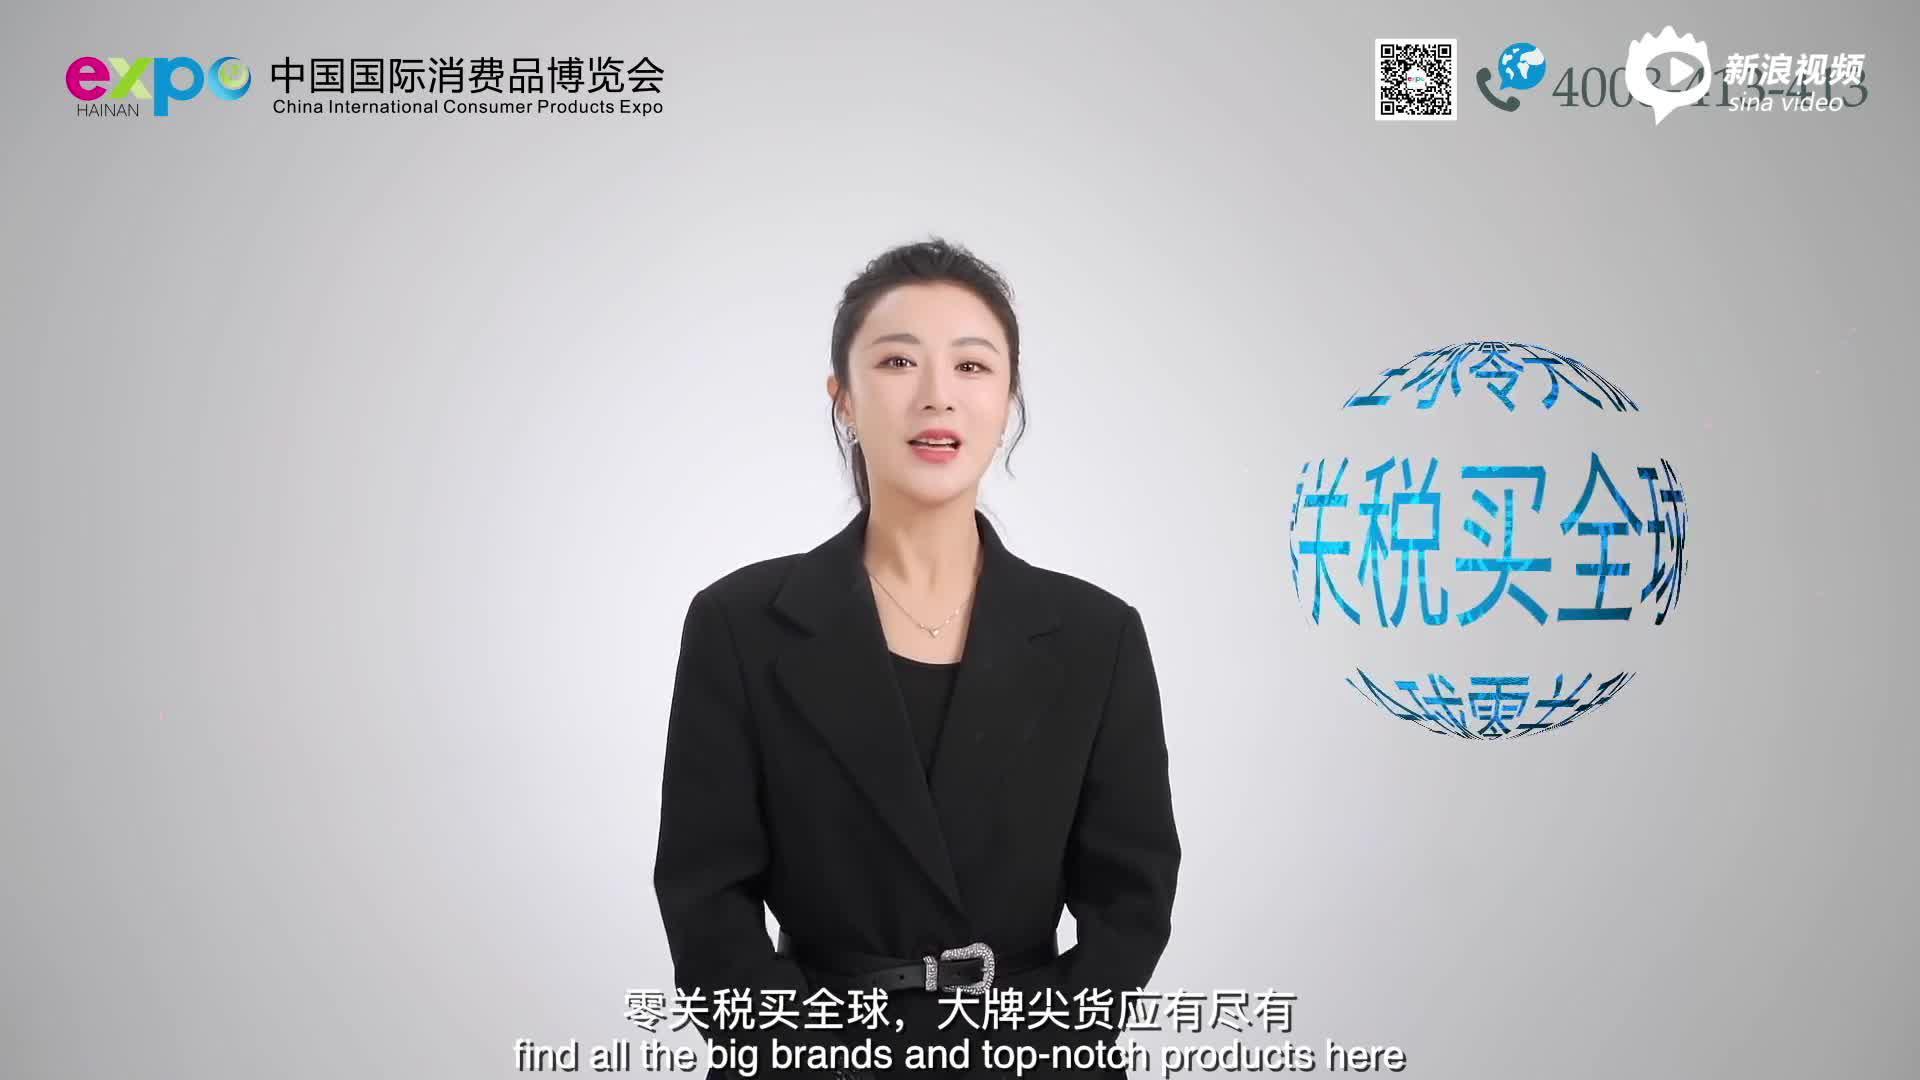 零关税买全球!薇娅邀您参加海南自贸港首届中国国际消费品博览会